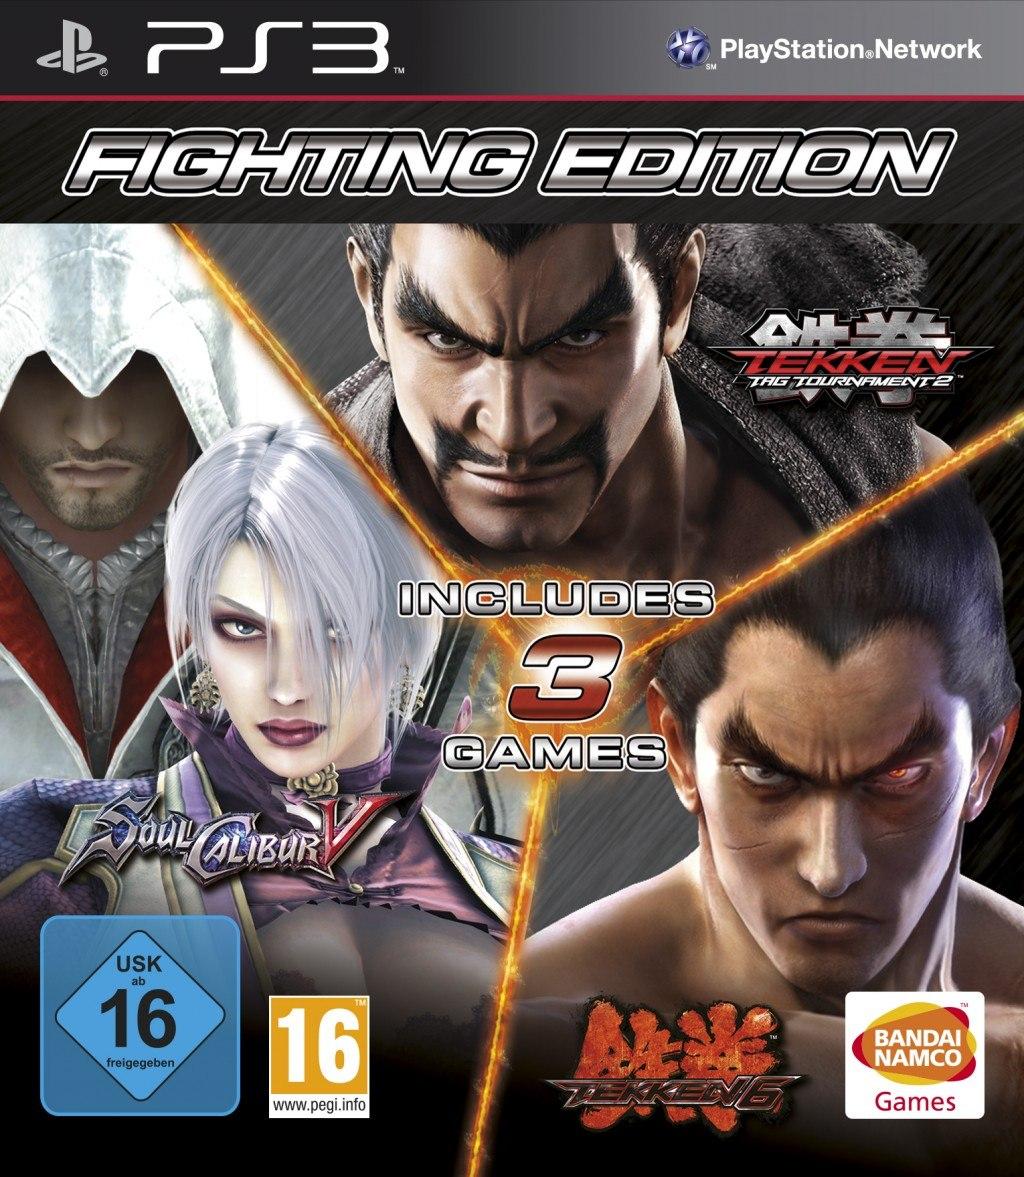 Fighting Edition dostępne tylko na PlayStation 3!